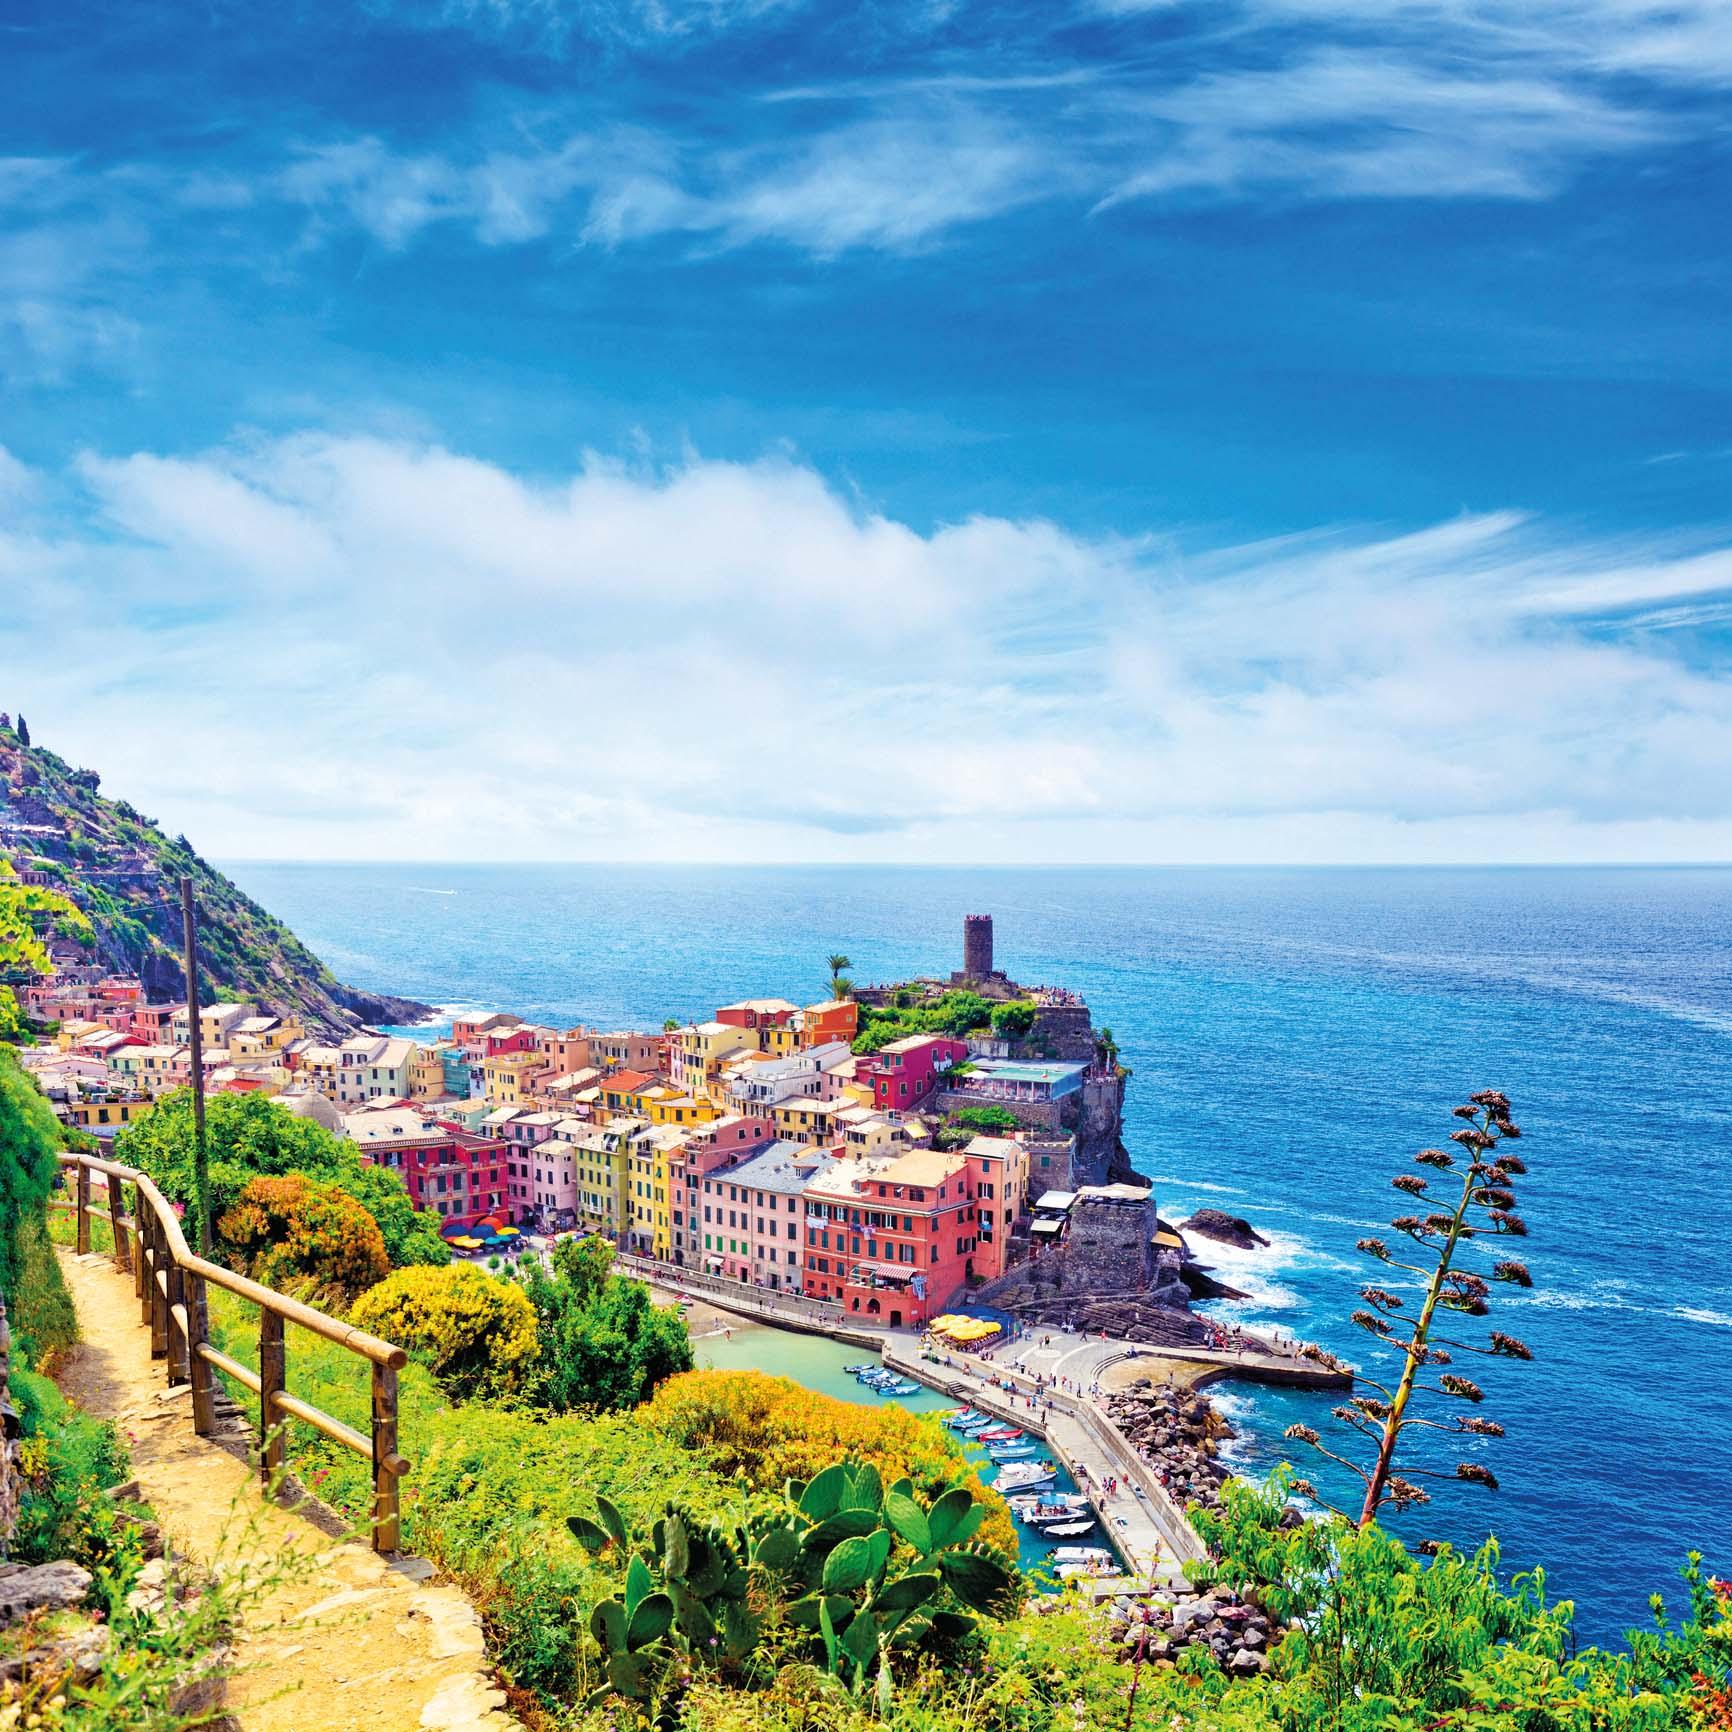 Cinque Terre, Portofino